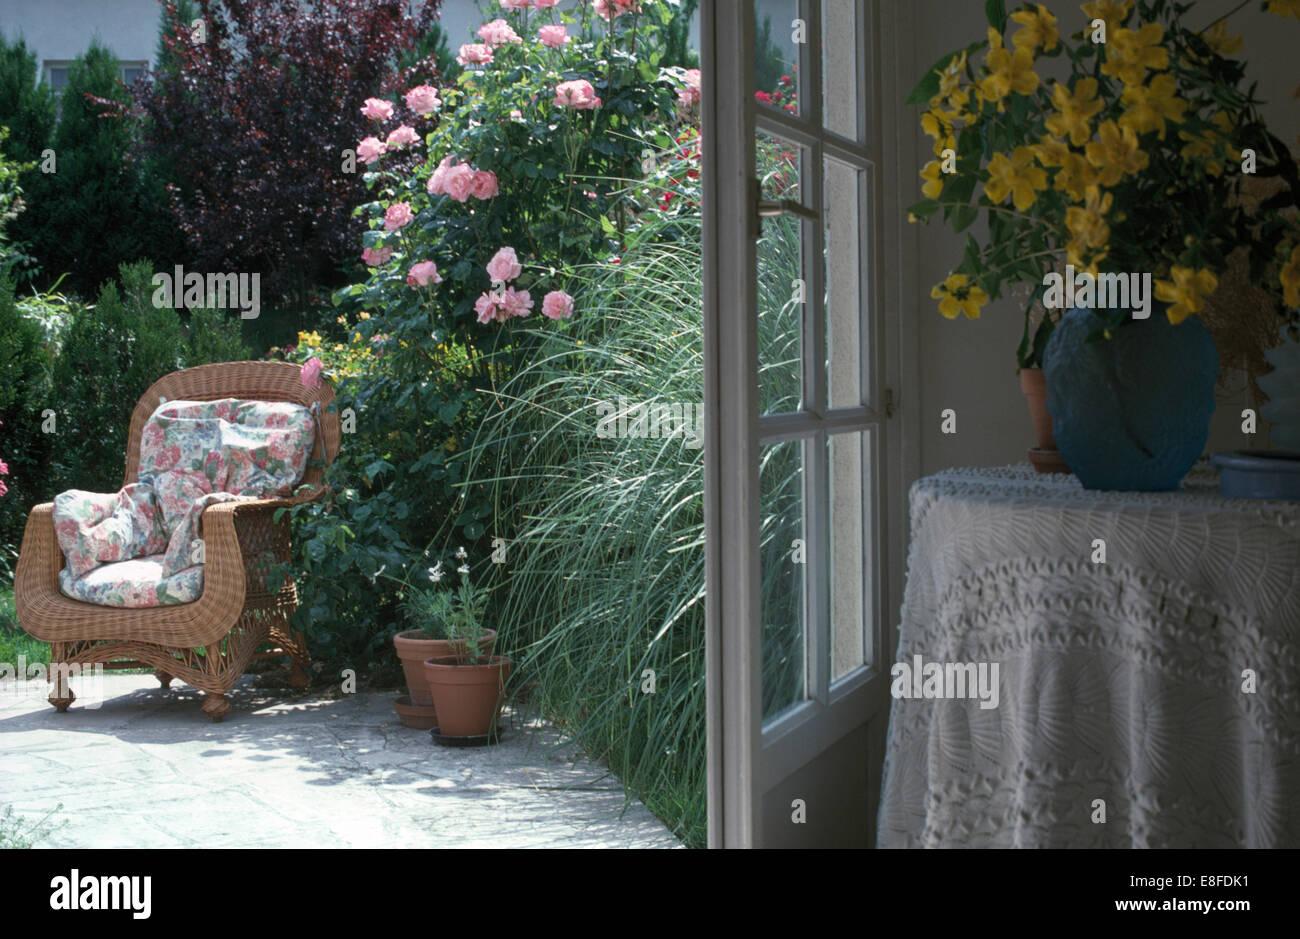 Rosa Rampicante In Vaso fiori gialli in vaso sul tavolo accanto a porte aperte alla